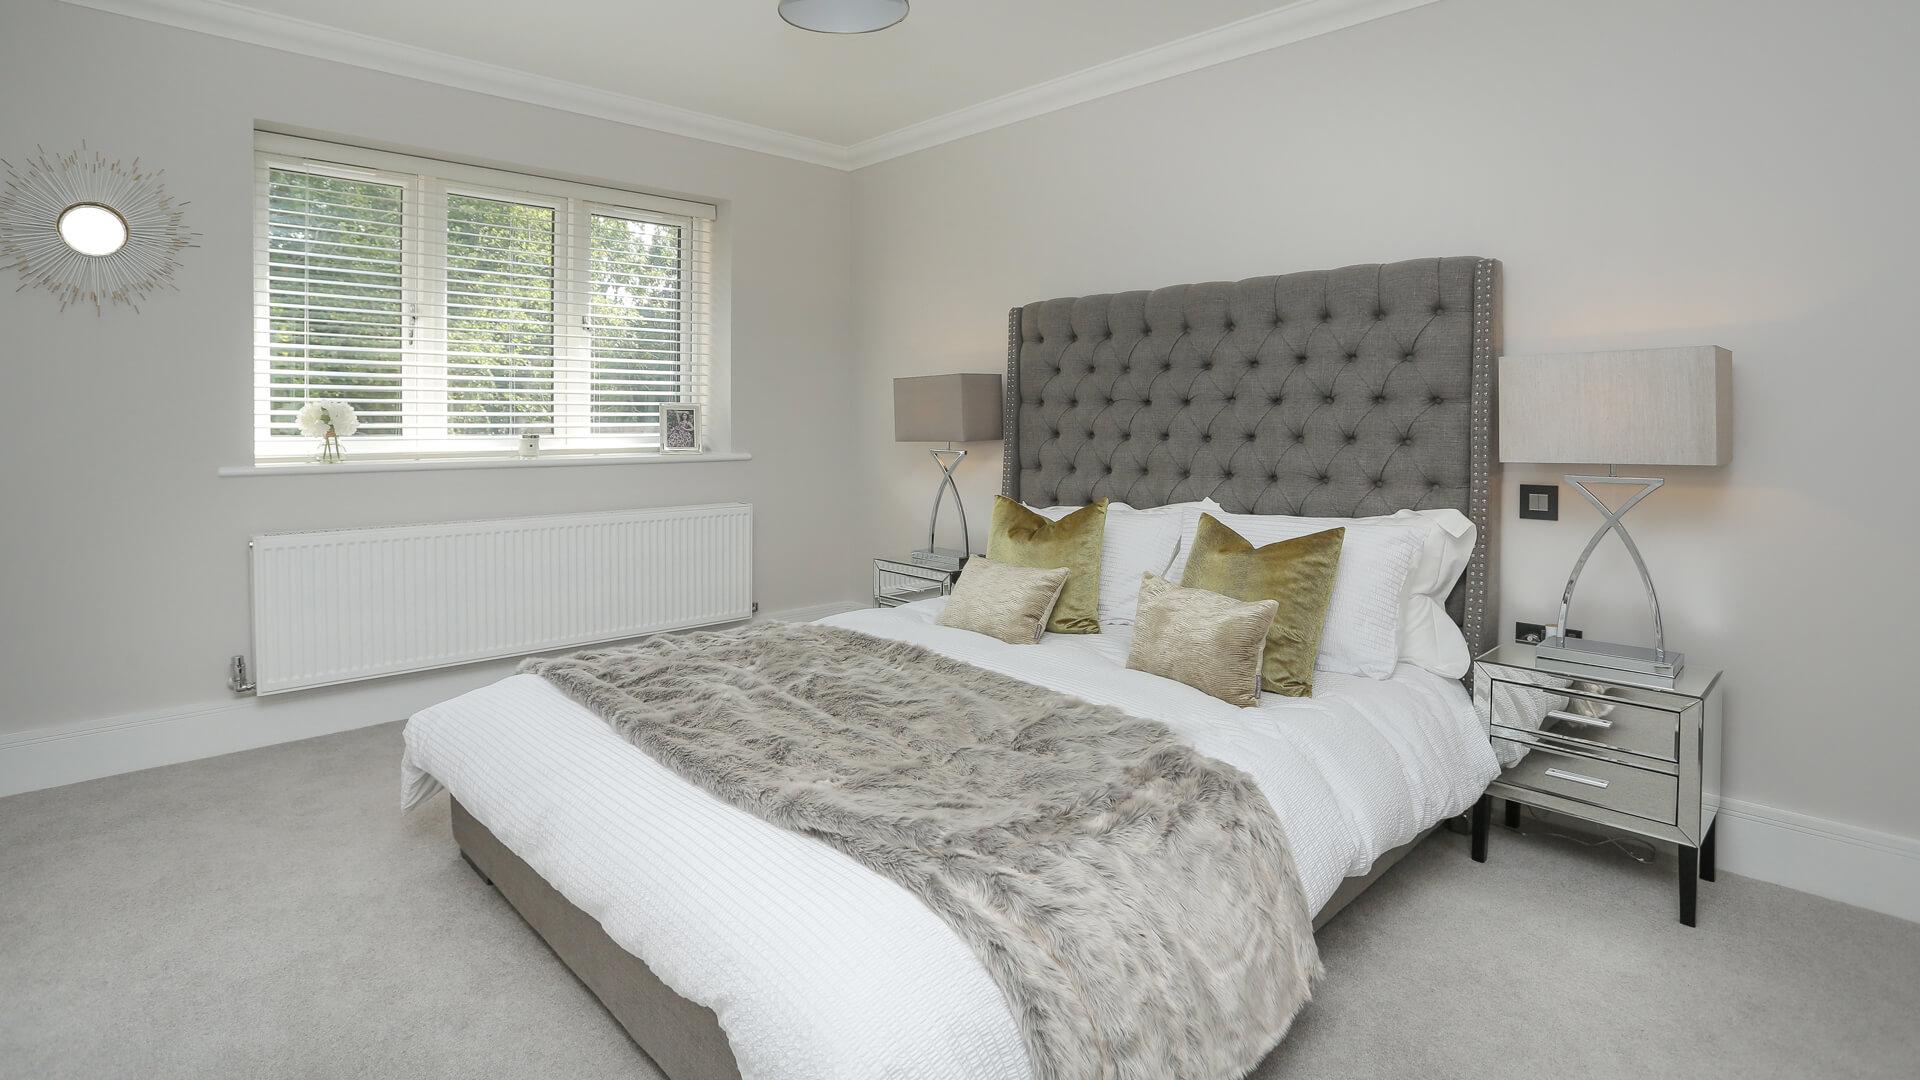 Master bedroom at Woodside court.